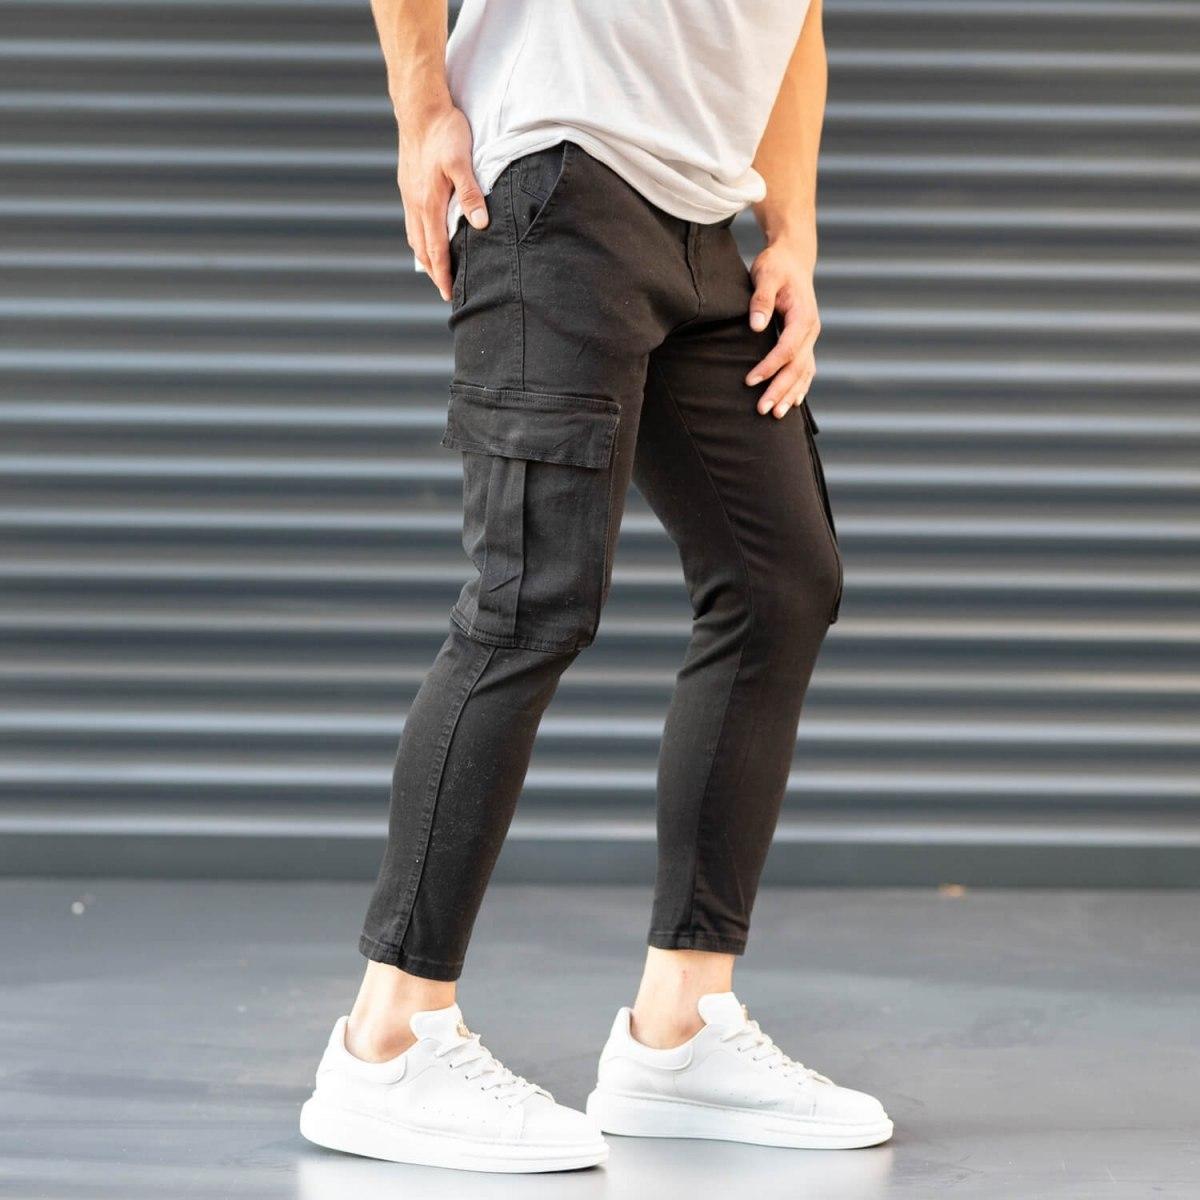 Men's Pocket Style Jeans in Black Mv Premium Brand - 5